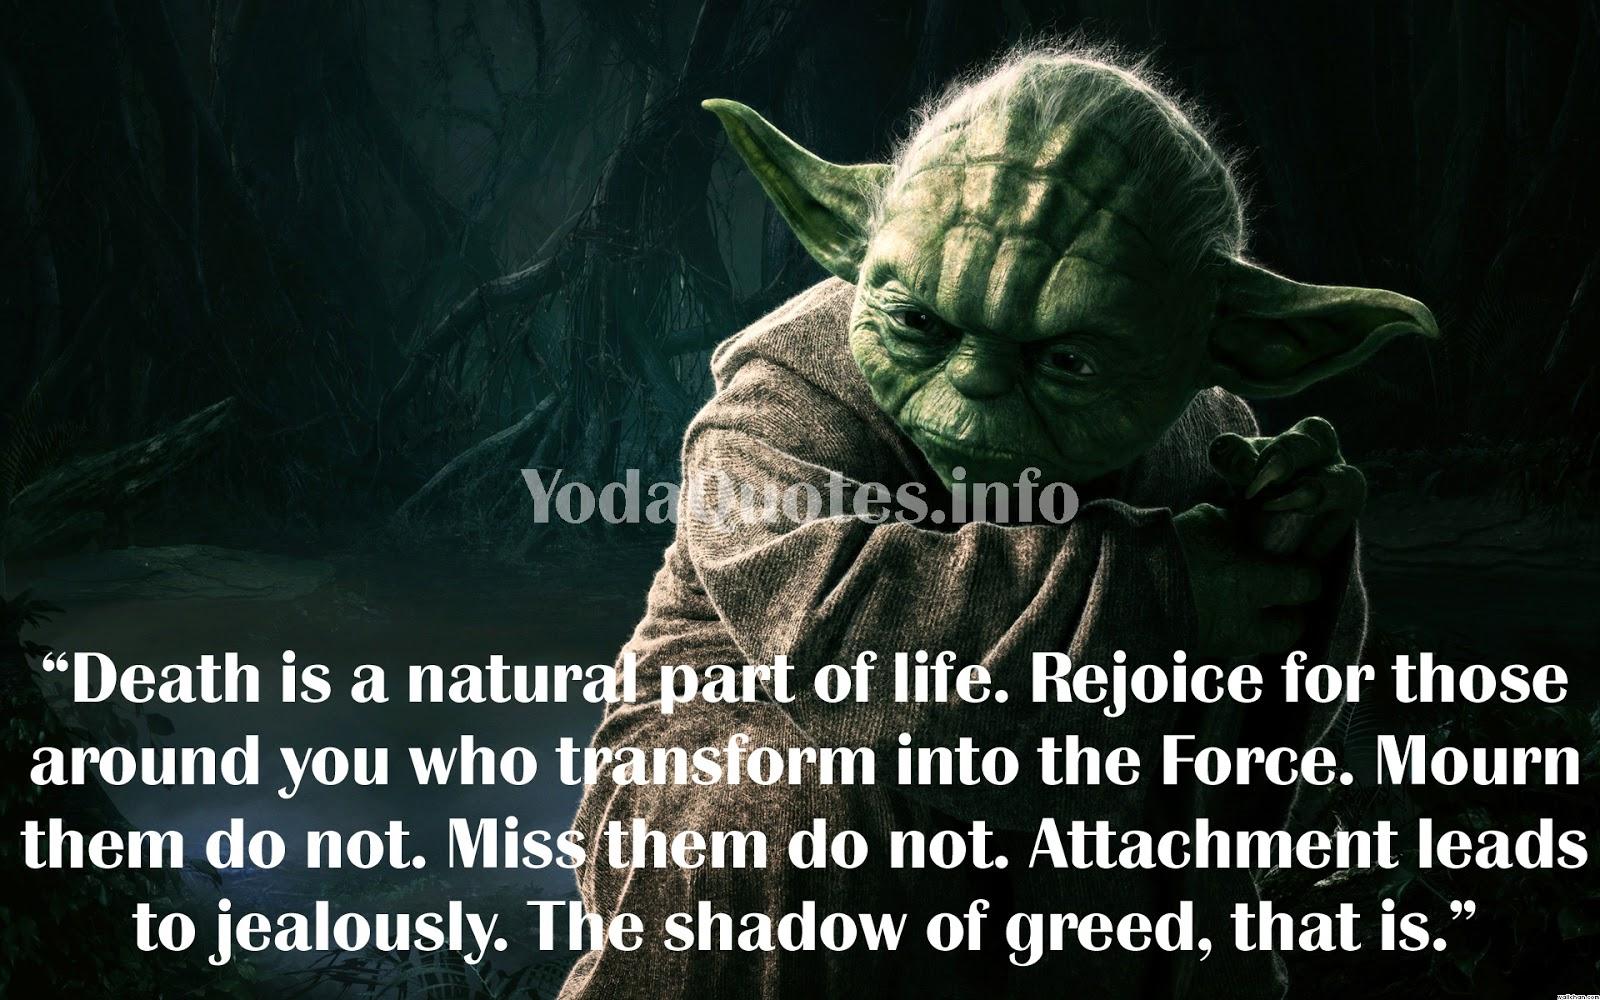 yoda quotes 6